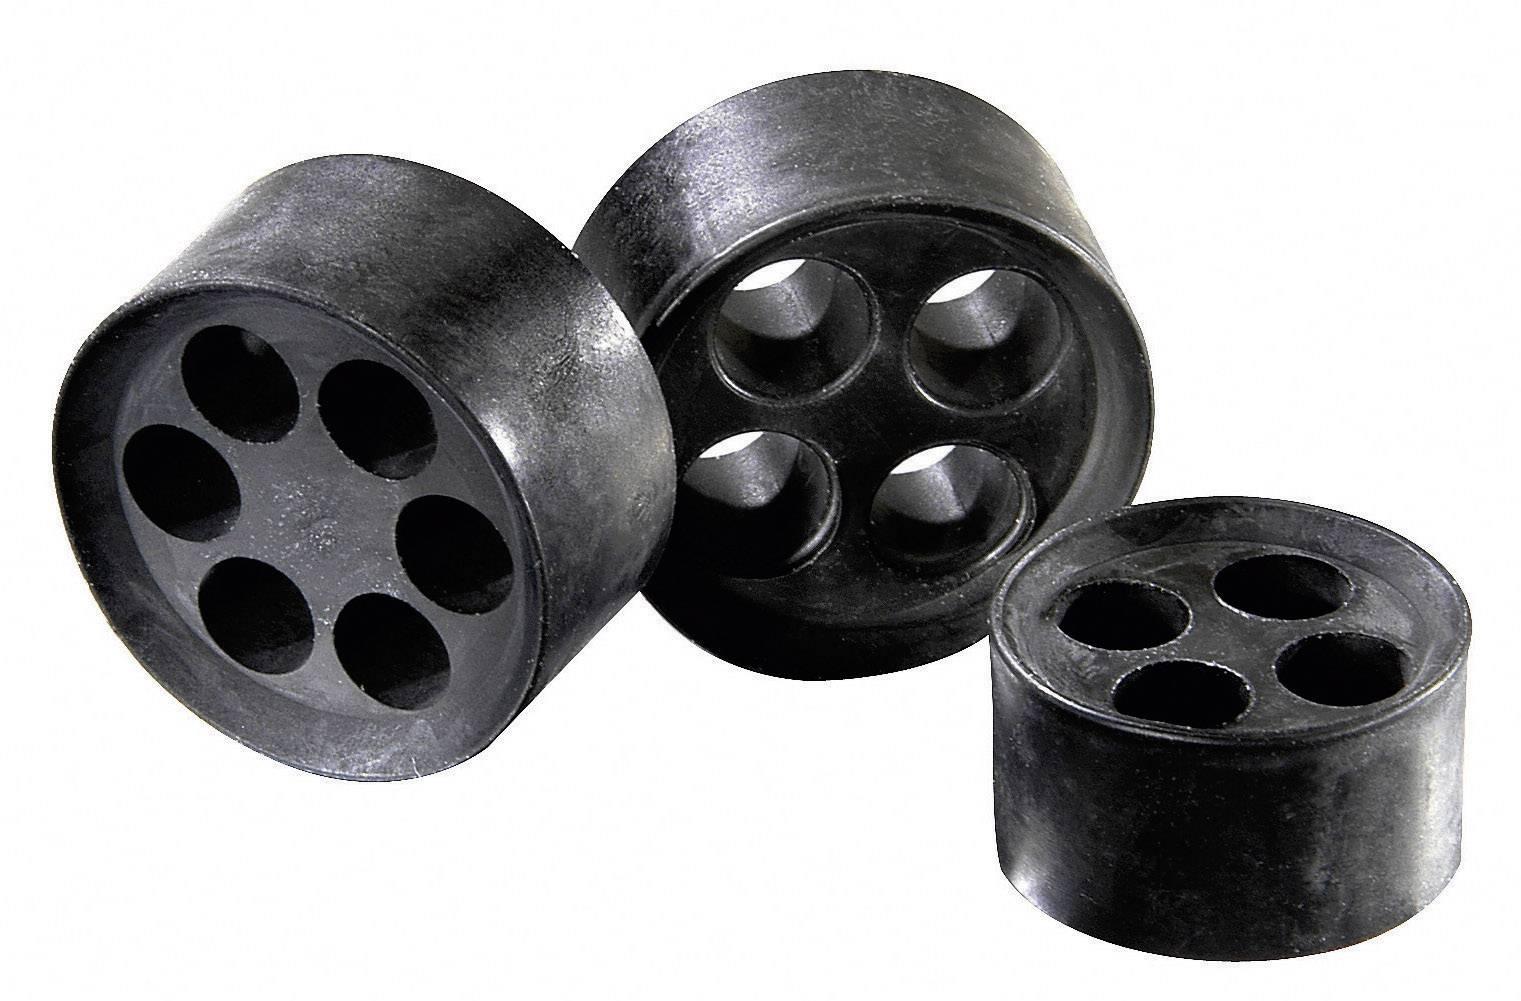 Těsnicí vložka M16 Wiska MFD 16/02/040 (10064393), IP66, M16, elastomer, černá